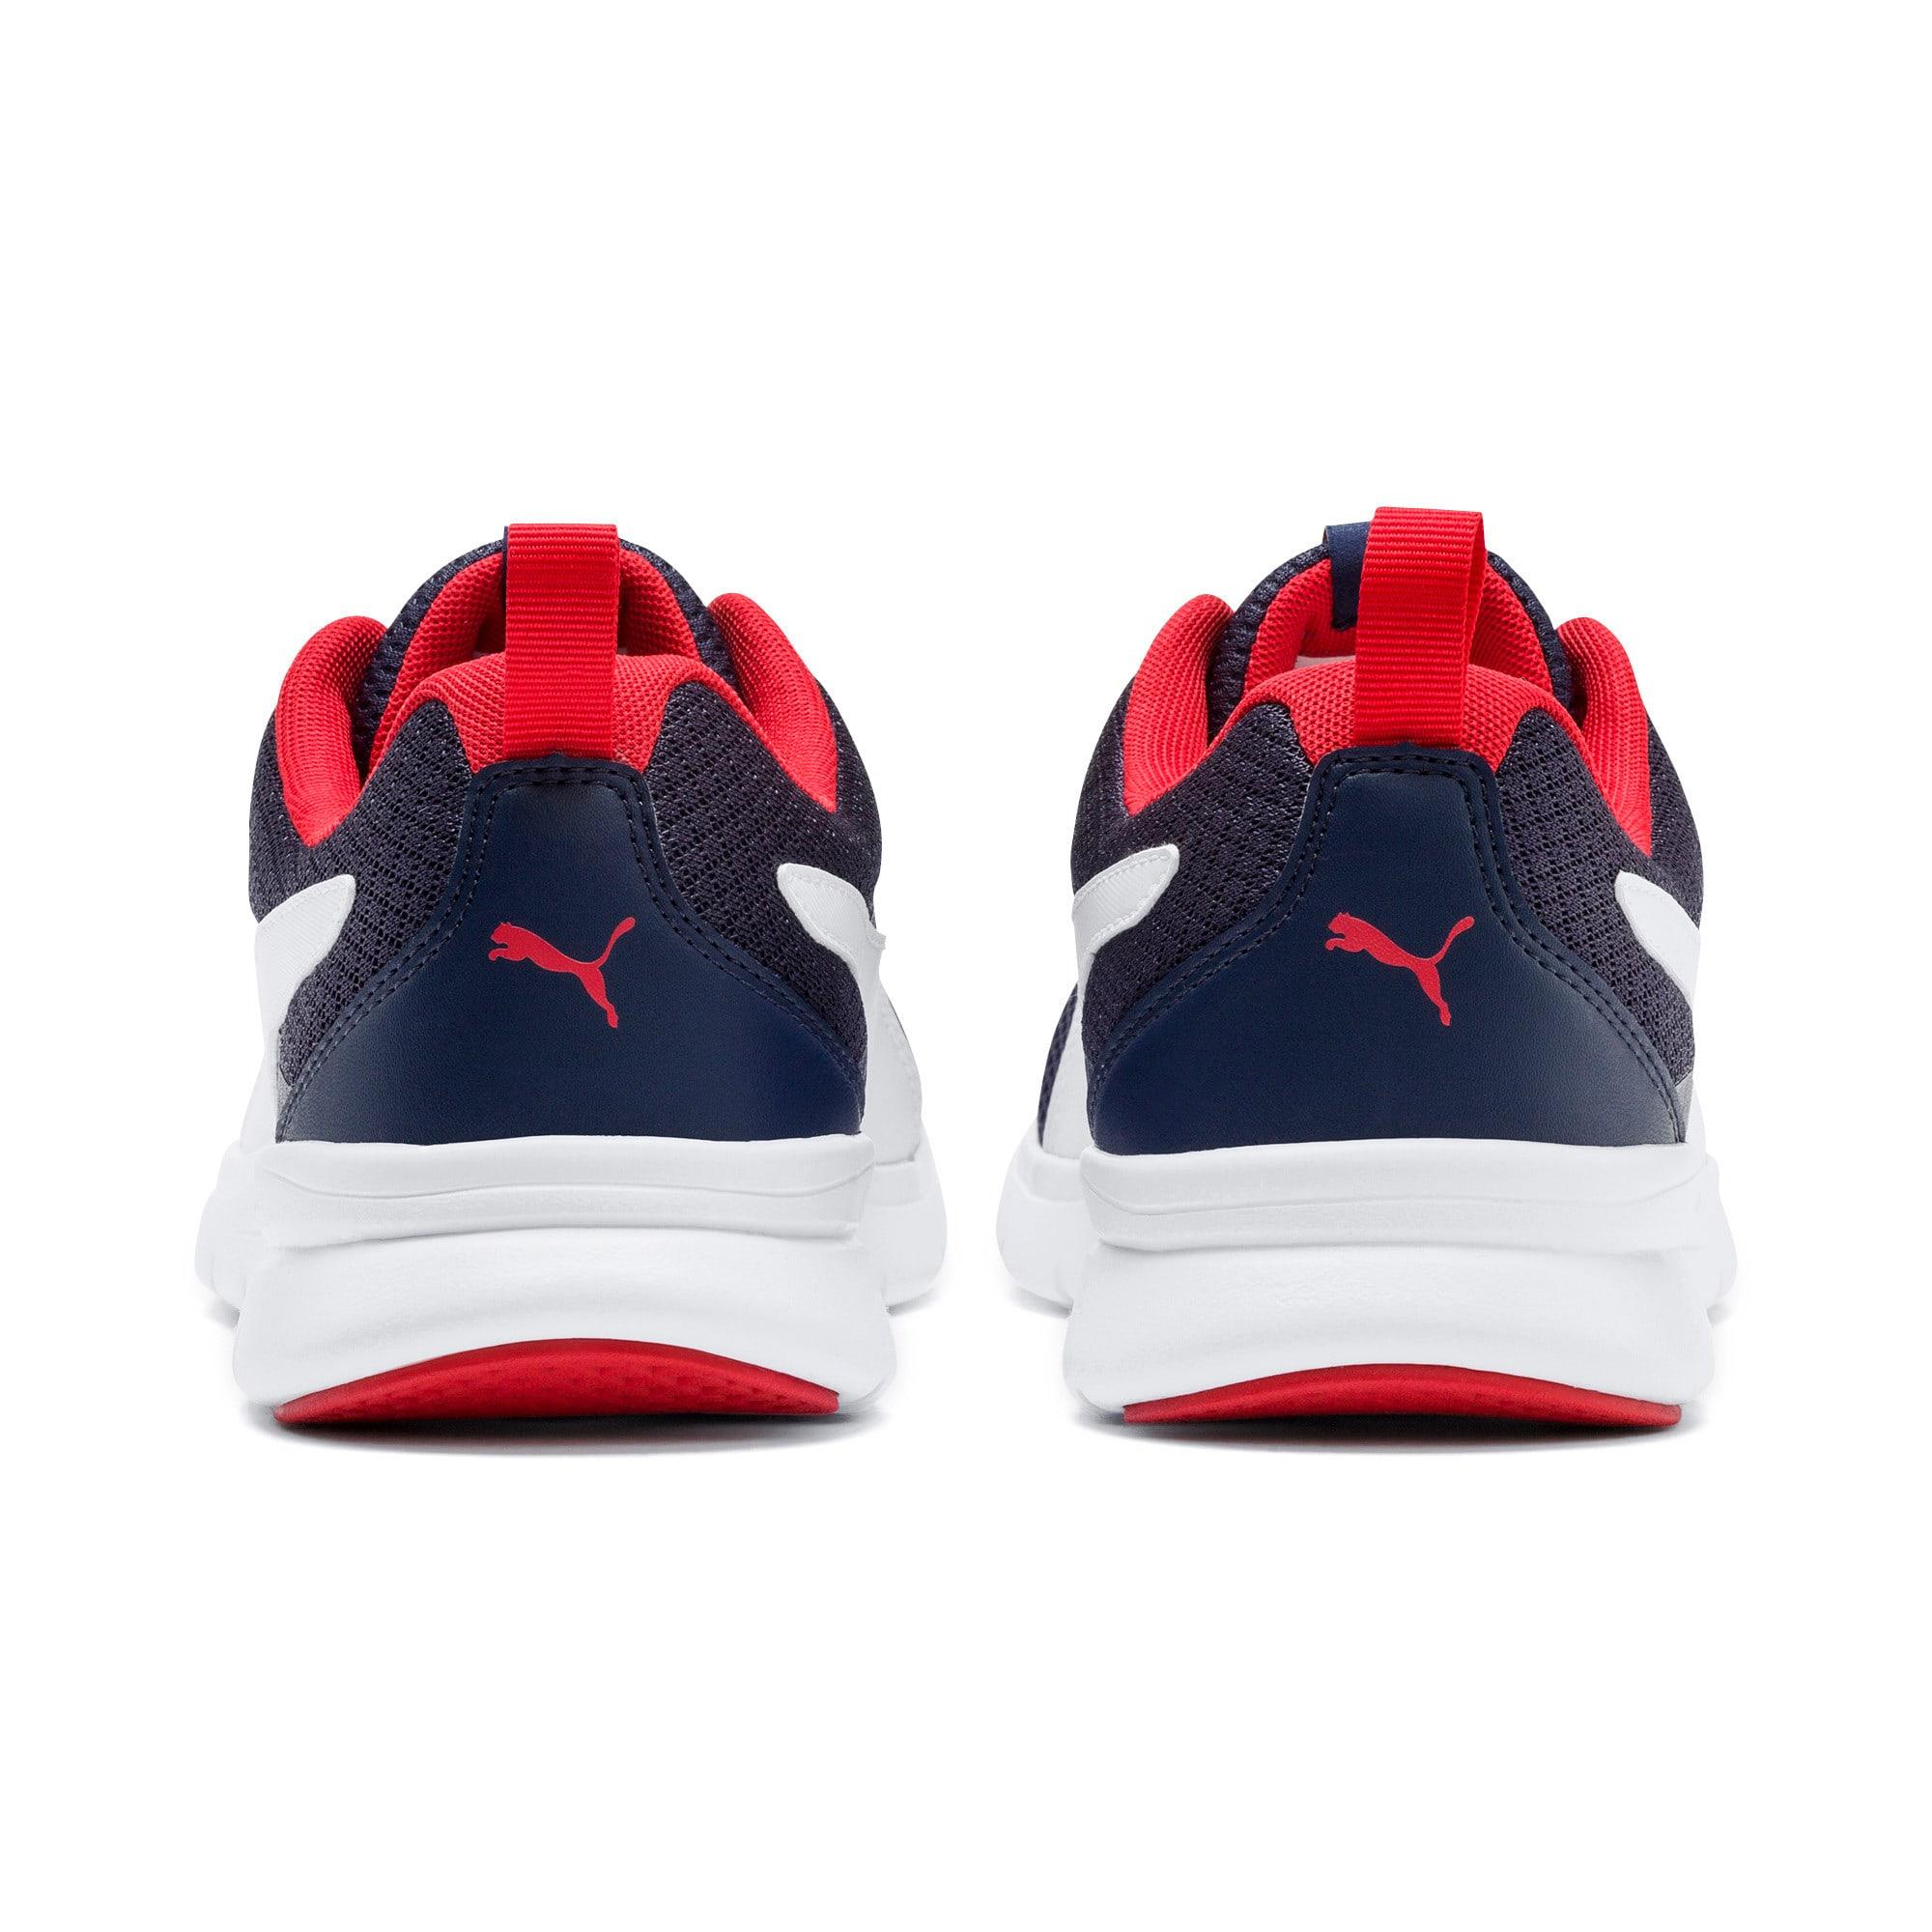 Thumbnail 4 of Flex Essential Training Shoes, Peacoat-P.White-Hi. Risk Red, medium-IND